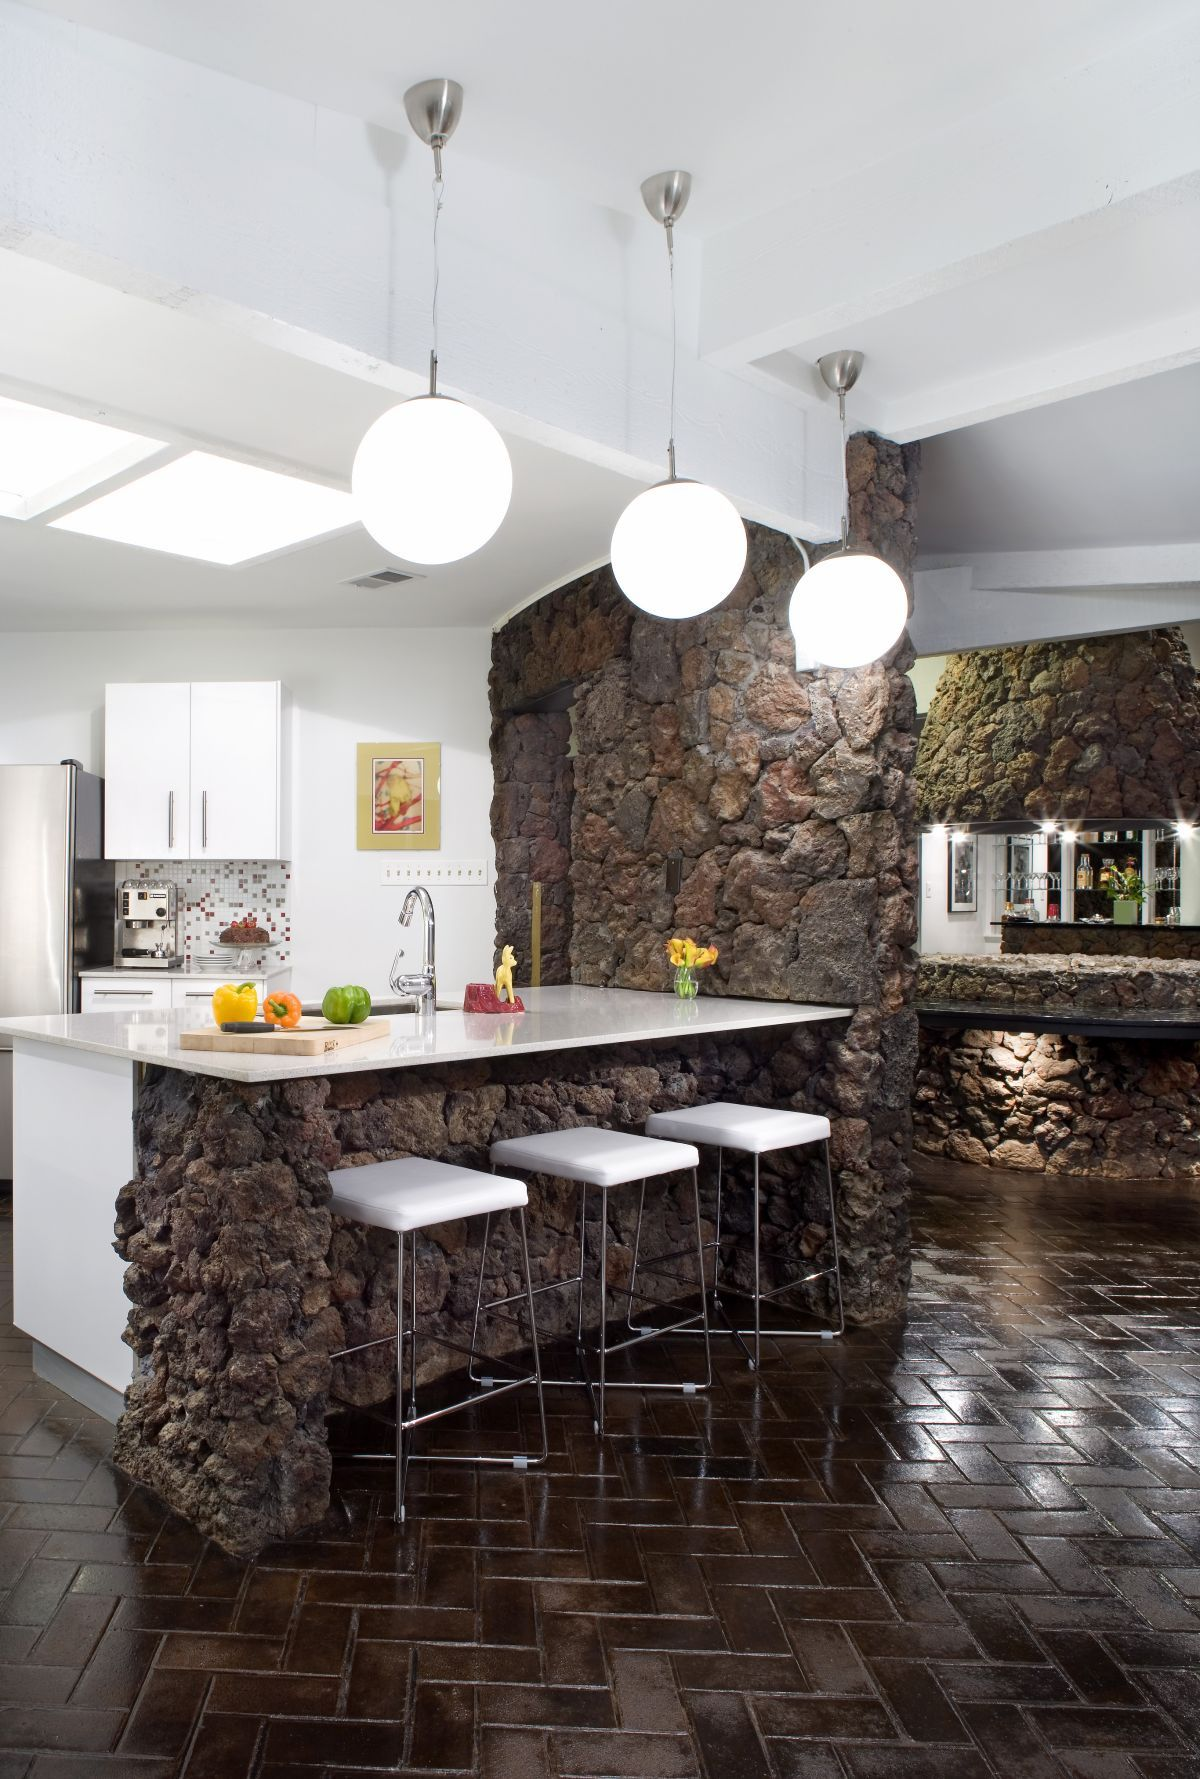 Best Design Idea Mid Century Modern Home Kitchen | ARQ. INTERIOR ...